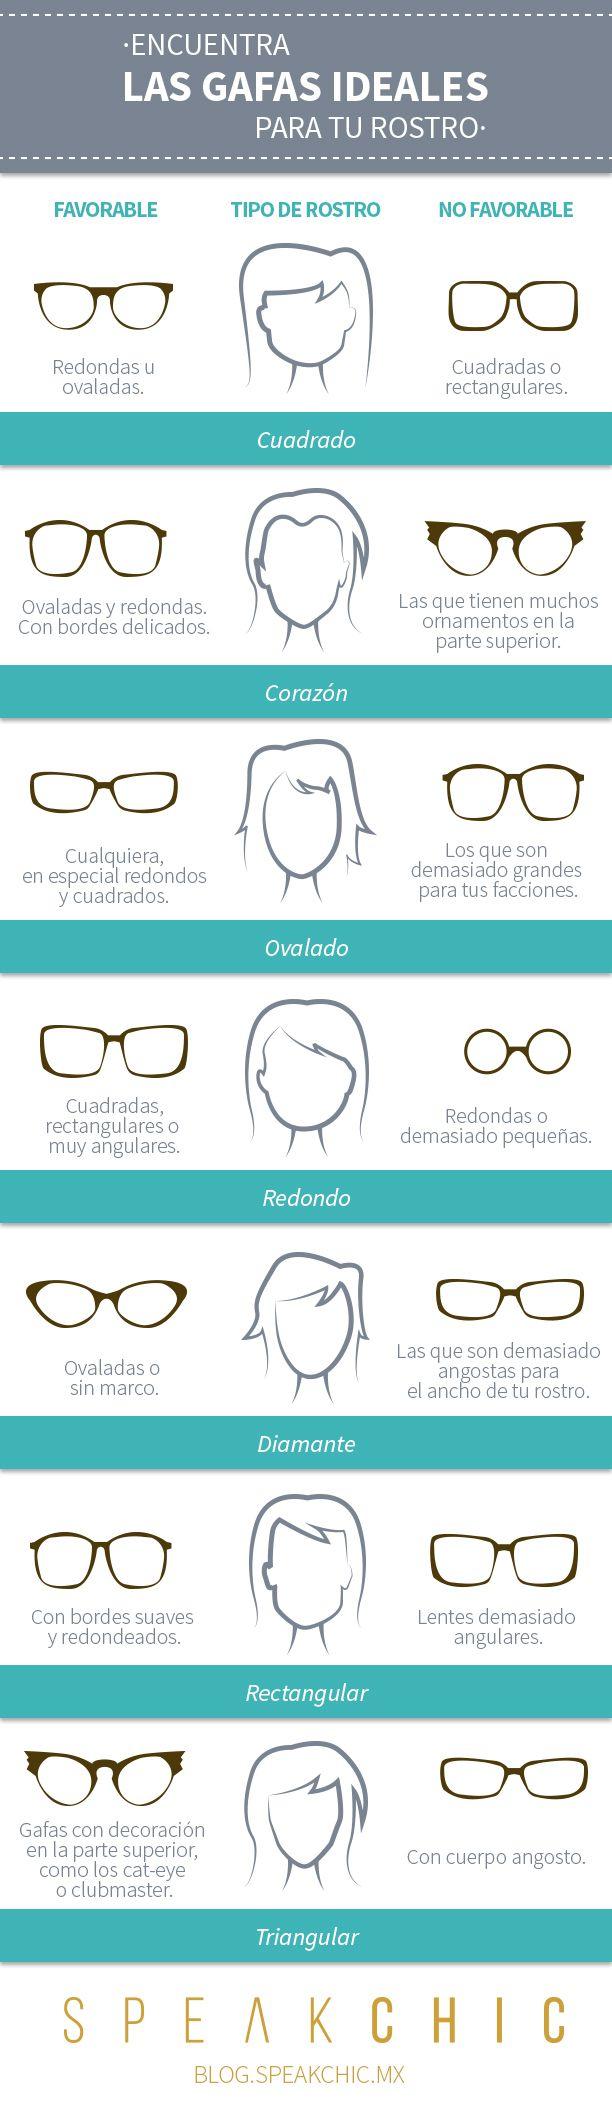 Los mejores lentes para la forma de tu rostro.   Lee más en: bit.ly/1E98vKz